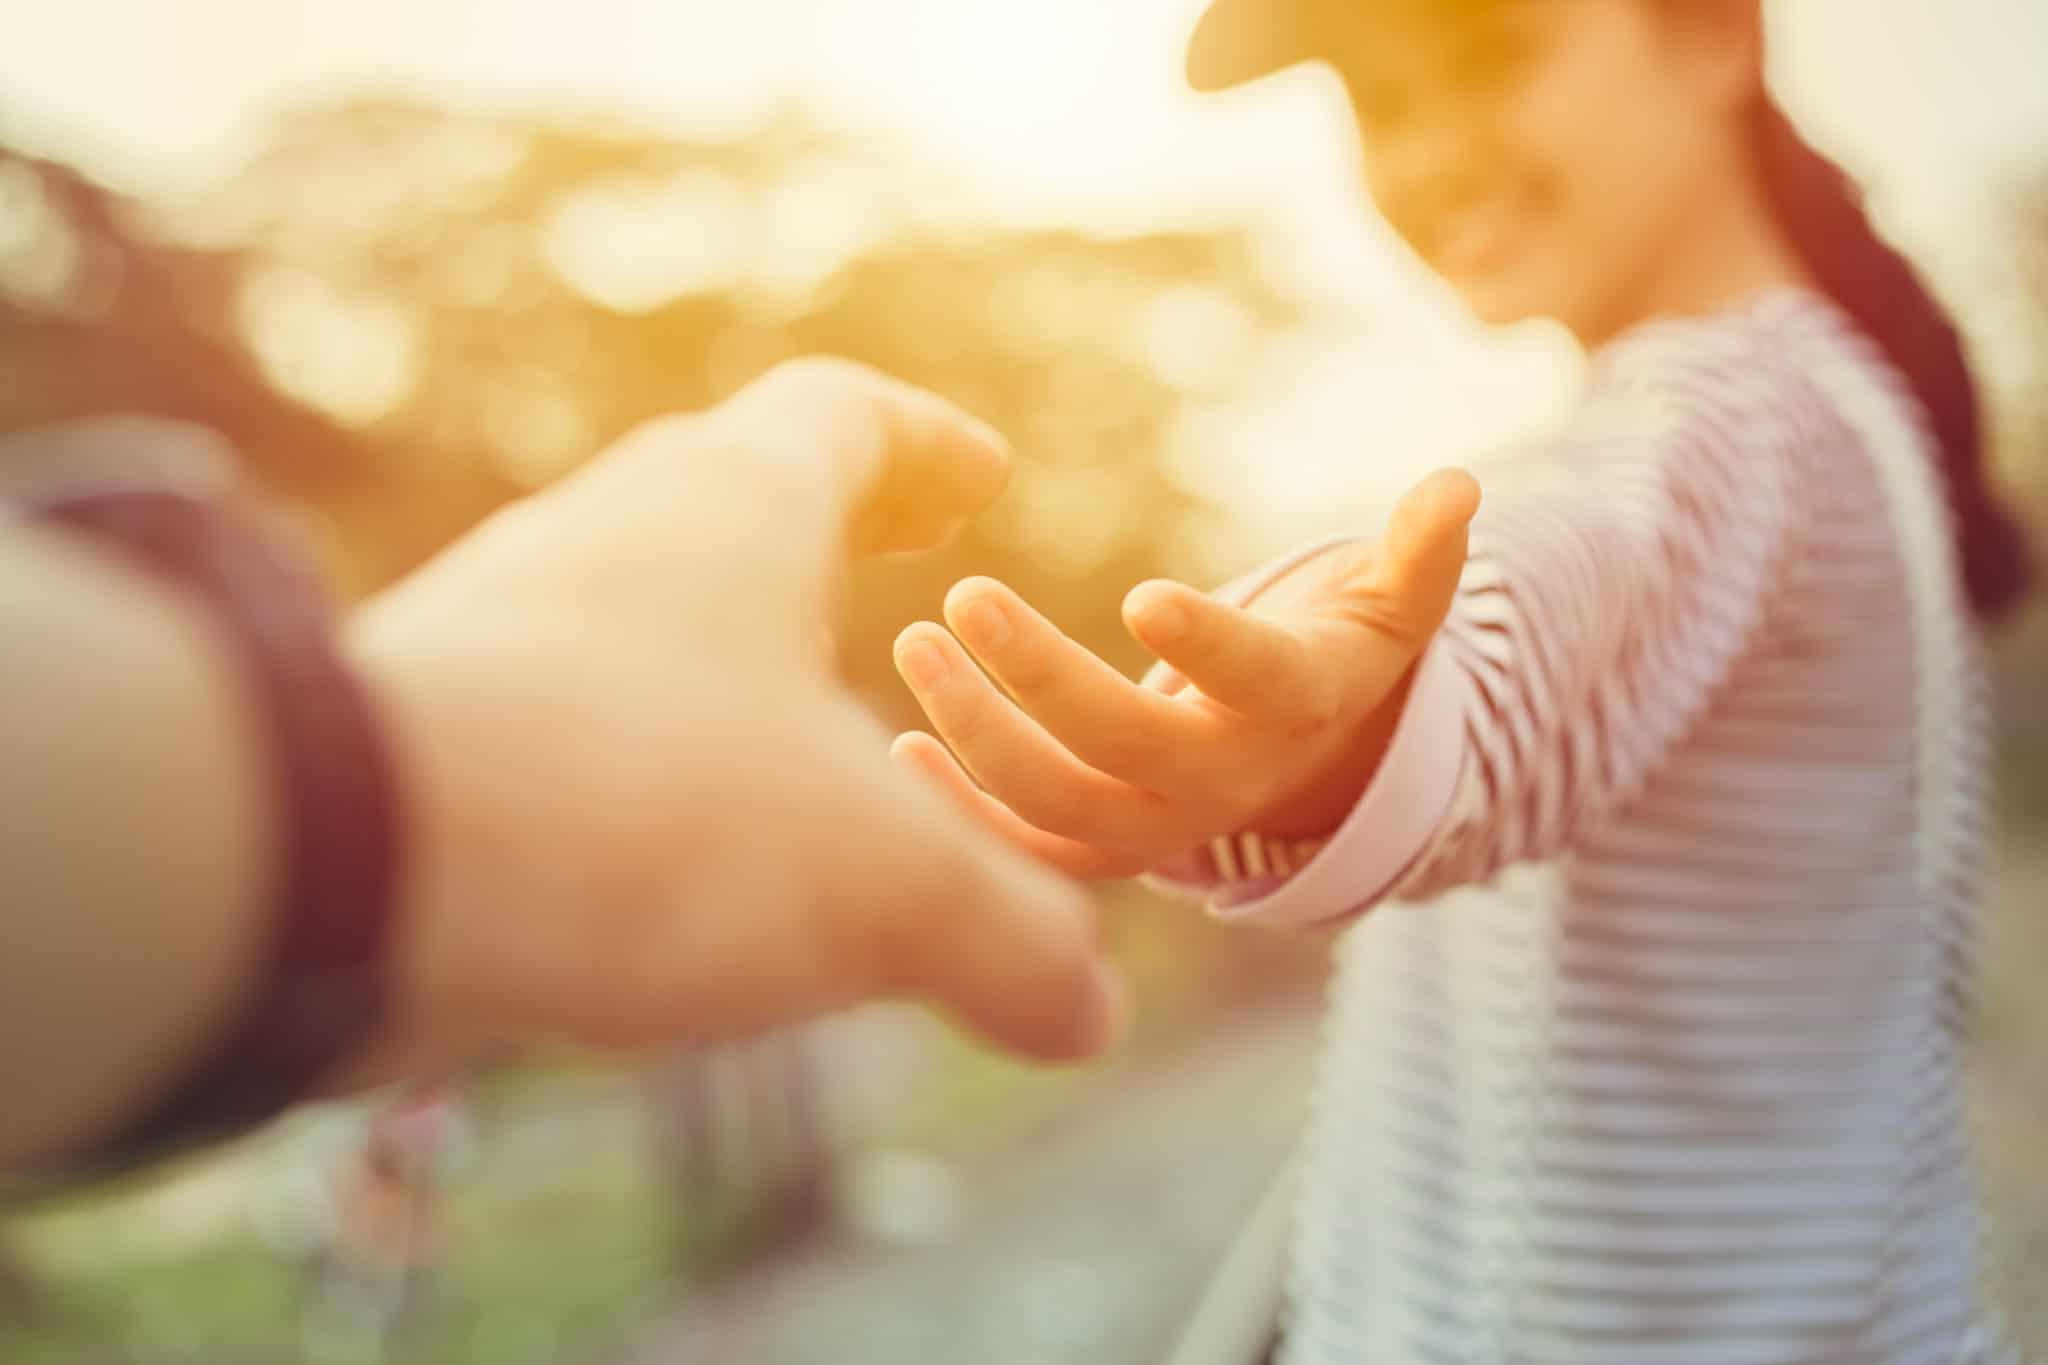 Henkilö tarttuu toisen henkilön käteen